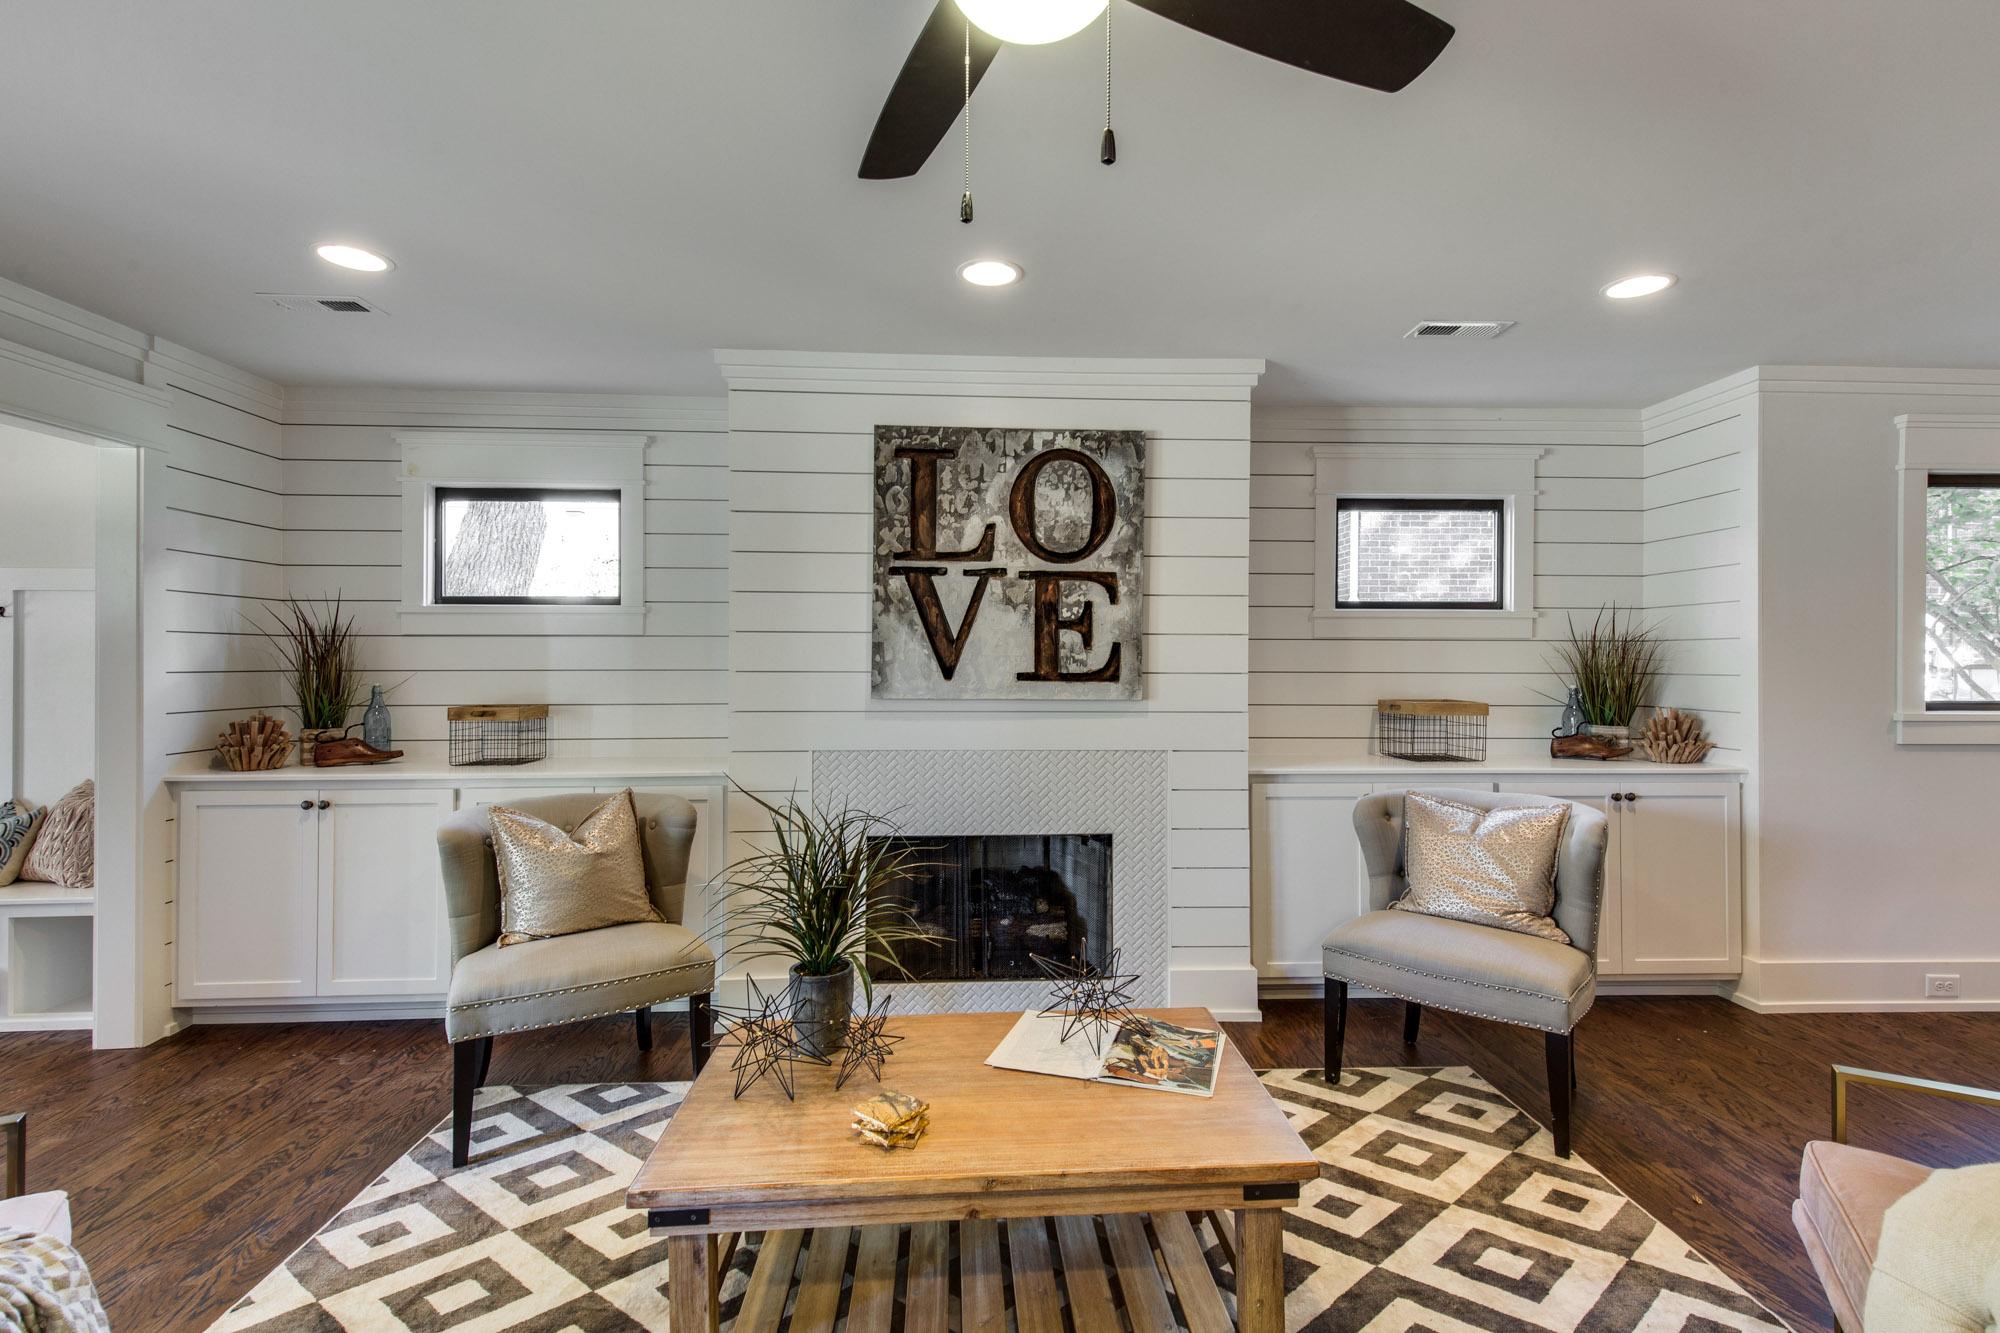 nashville-home-remodel-renovation-custom-home-tennessee-britt-development-group-1025.jpg